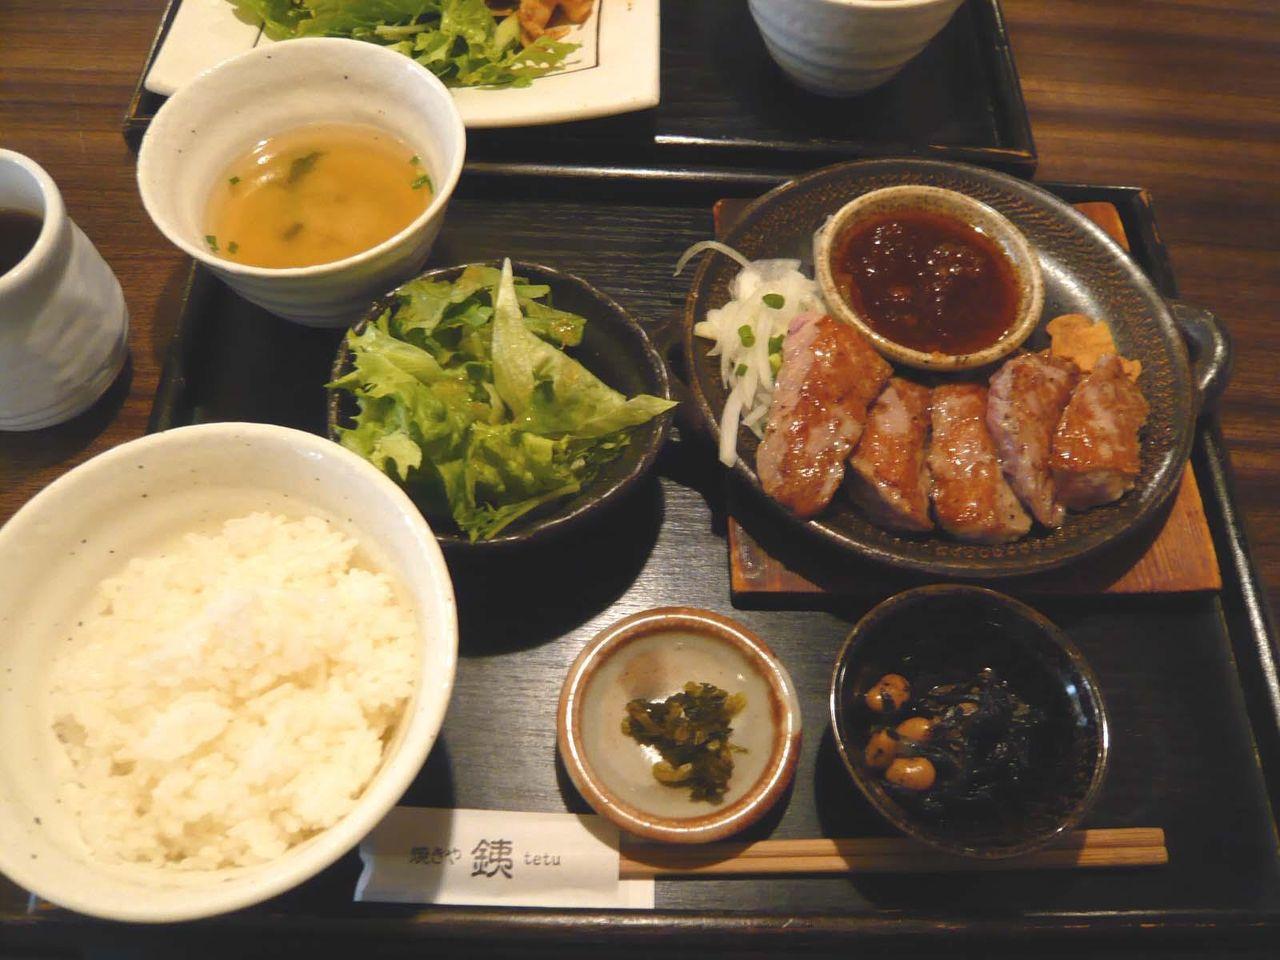 品数豊富で野菜もタップリ!・・・牛ロースあぶり焼1,000円